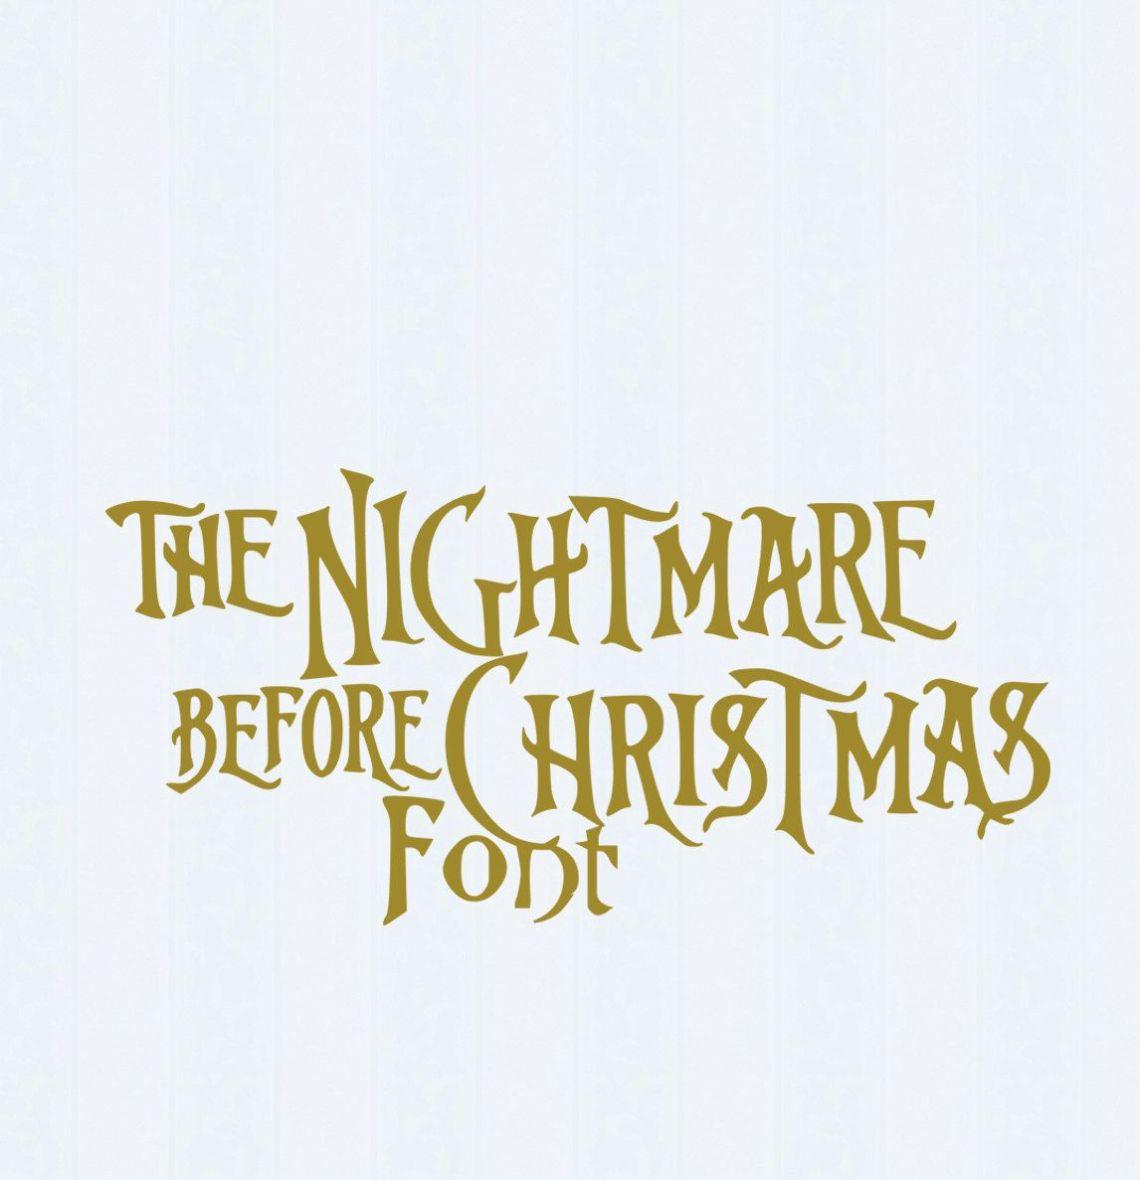 Download Nightmare before Christmas SVG Font, Digital Alphabet, SVG ...